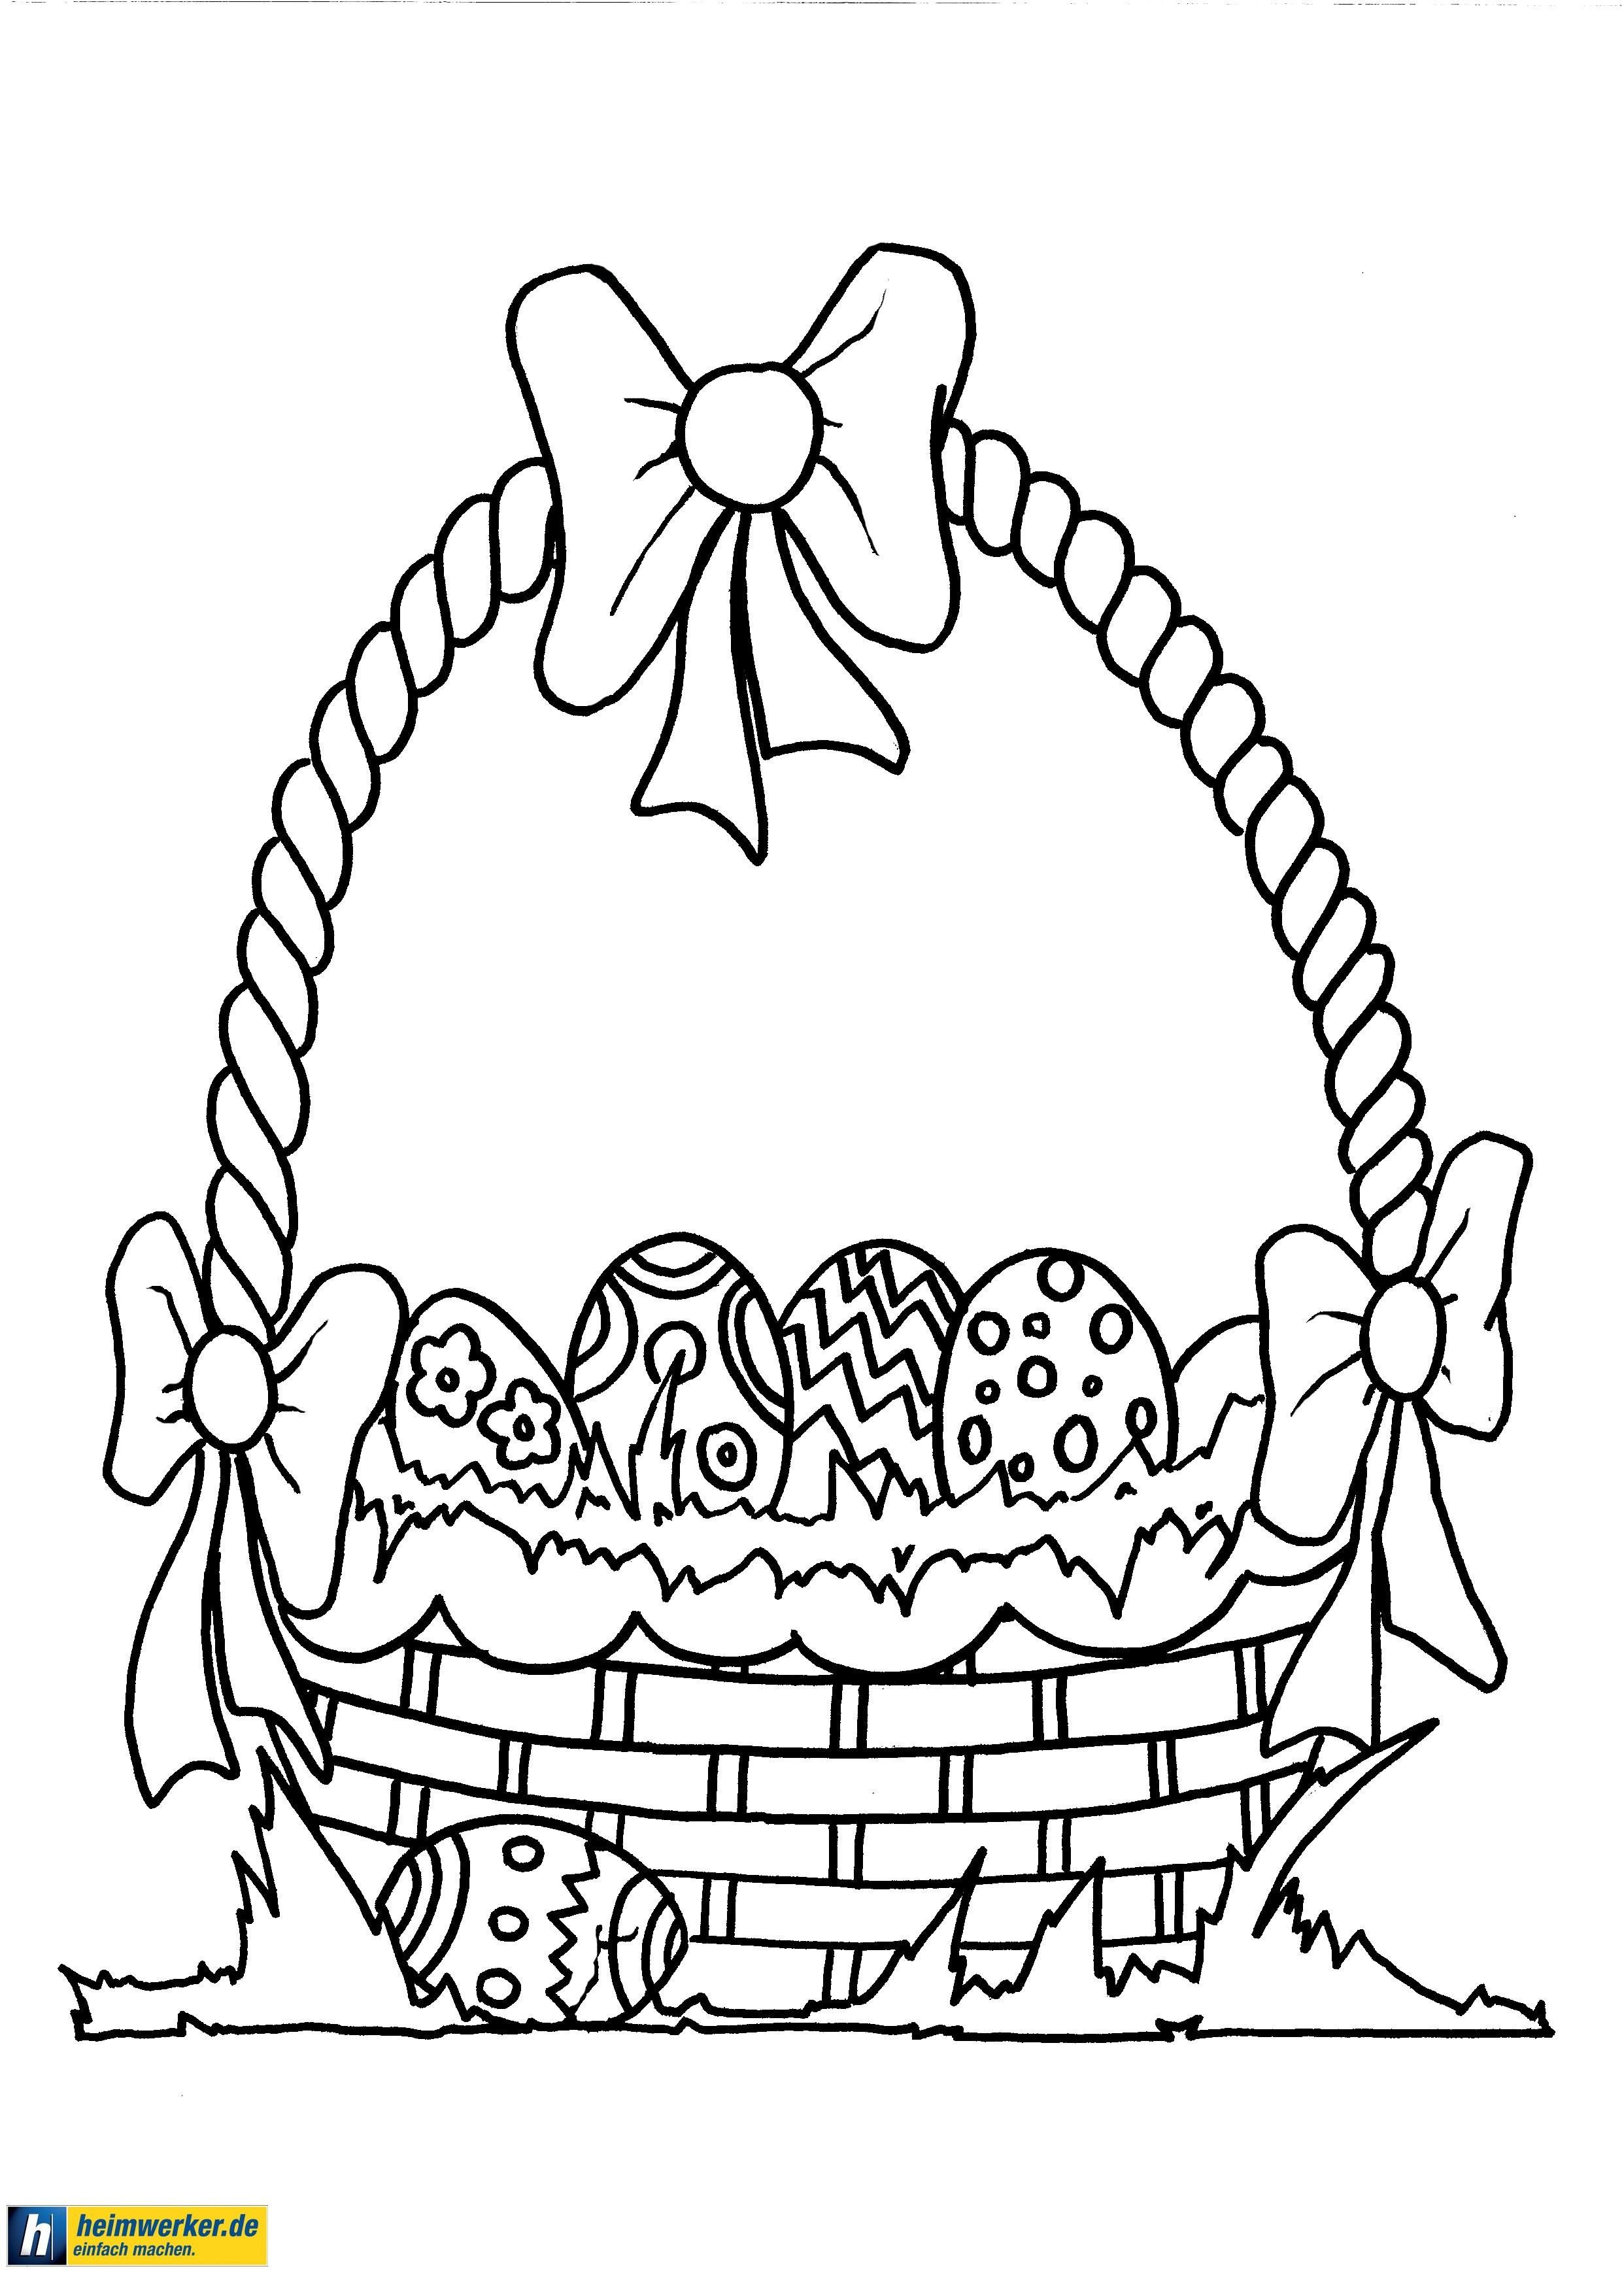 Ausmalbilder Frohe Ostern Frisch Frohe Weihnachten Malvorlagen Verführerisch 37 Ausmalbilder Frohe Bilder